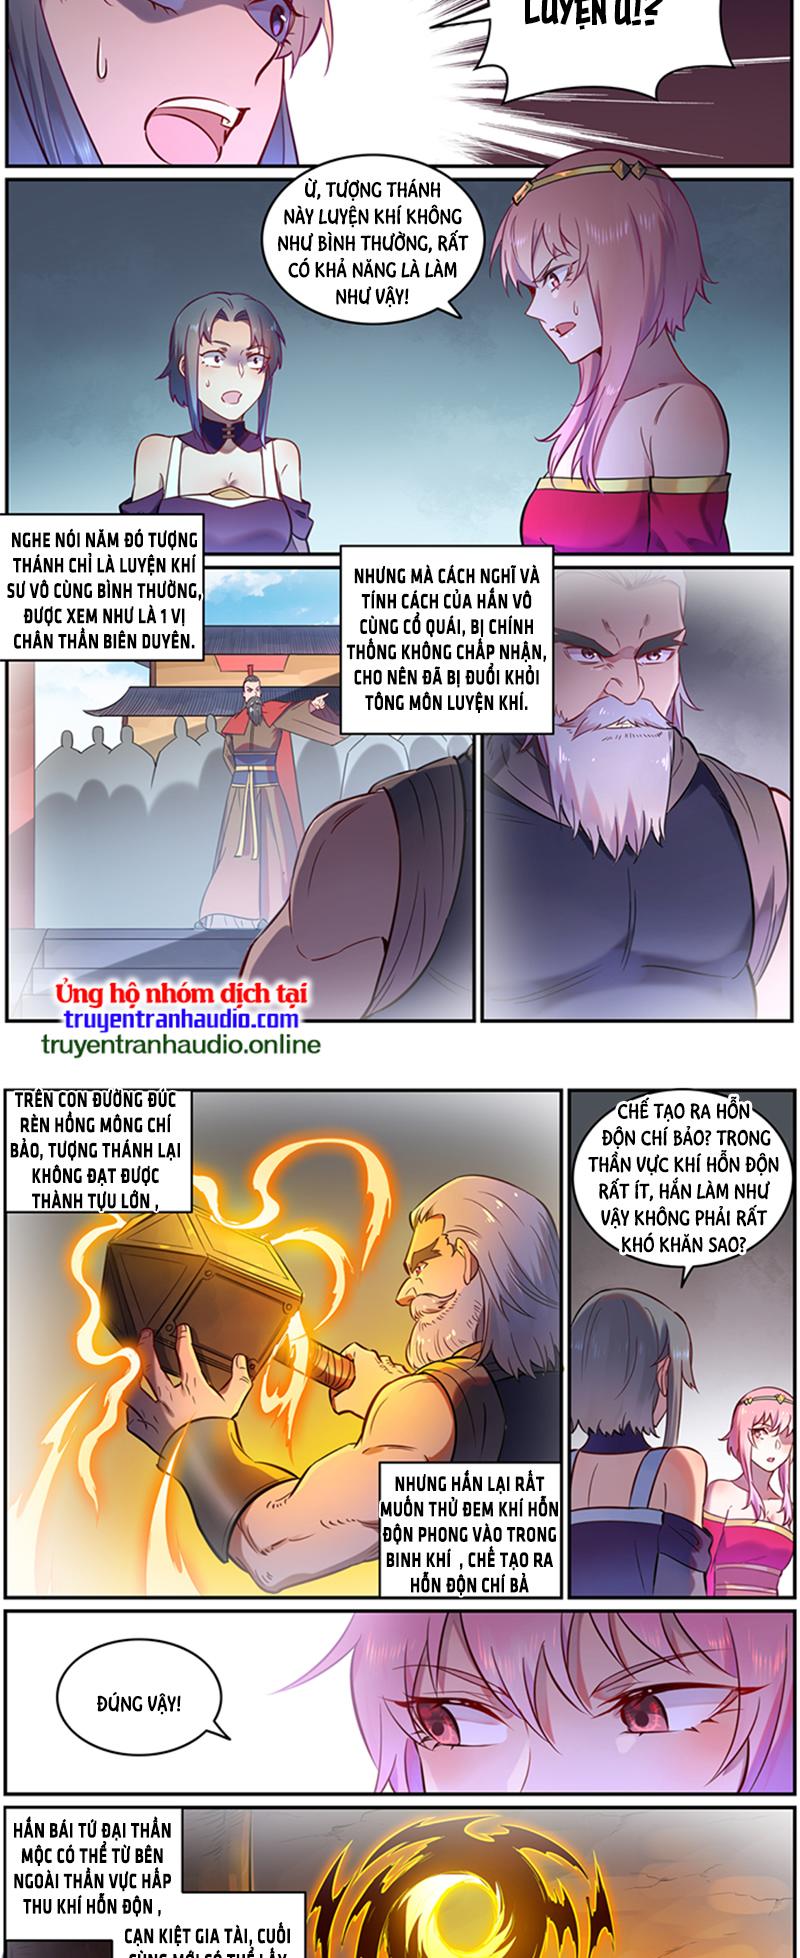 Bách Luyện Thành Thần Chương 758 - truyenmh.com